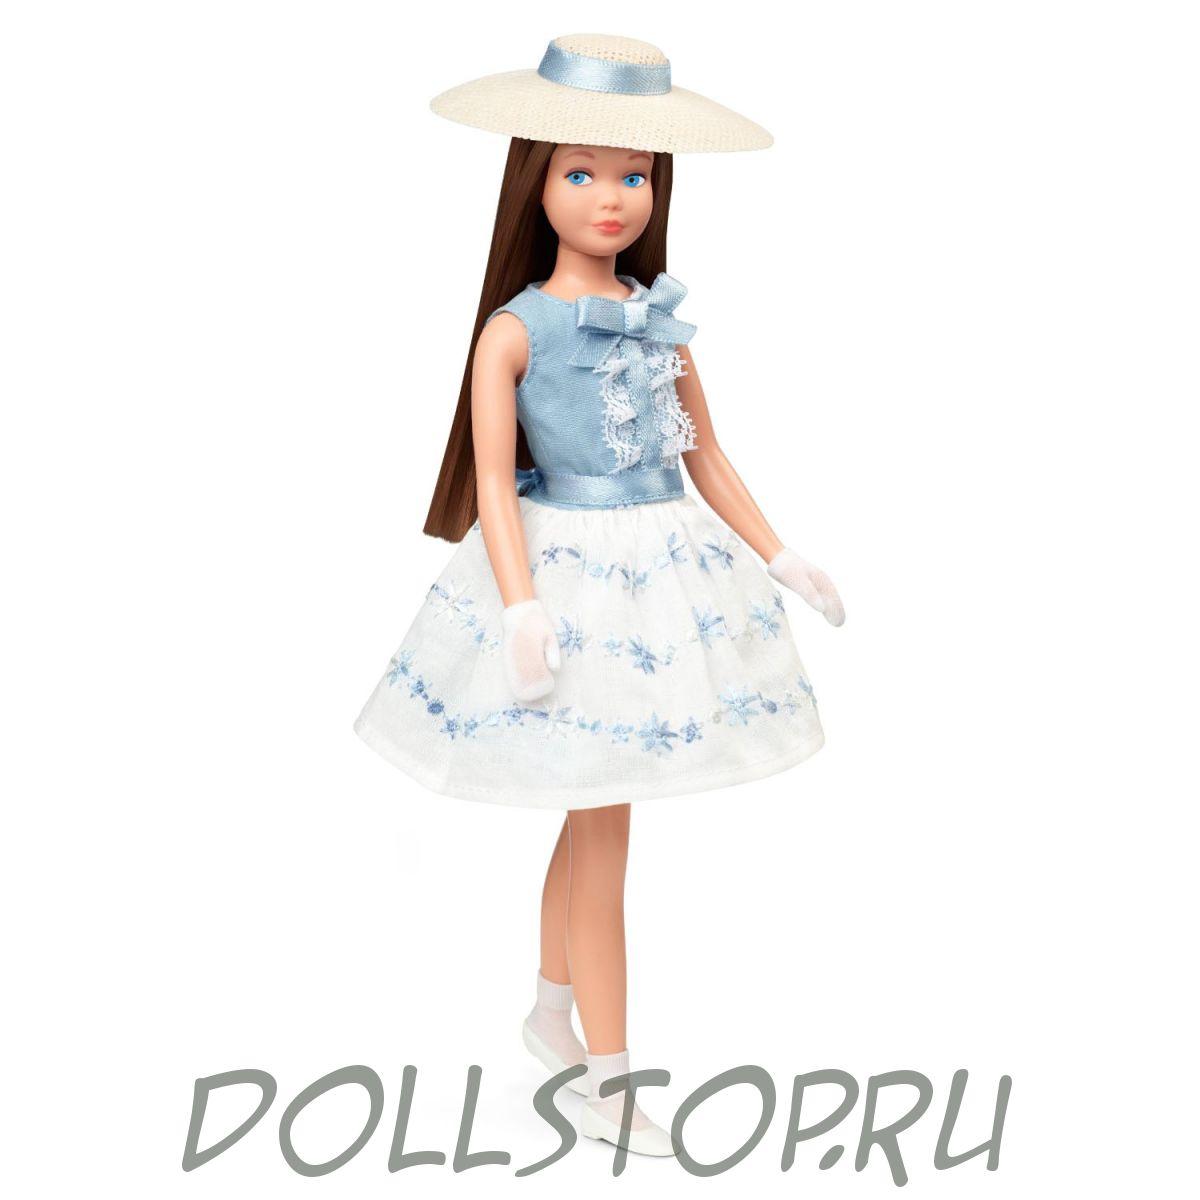 Коллекционная кукла Скиппер Брюнетка - Skipper 50th Anniversary Doll - Brunette